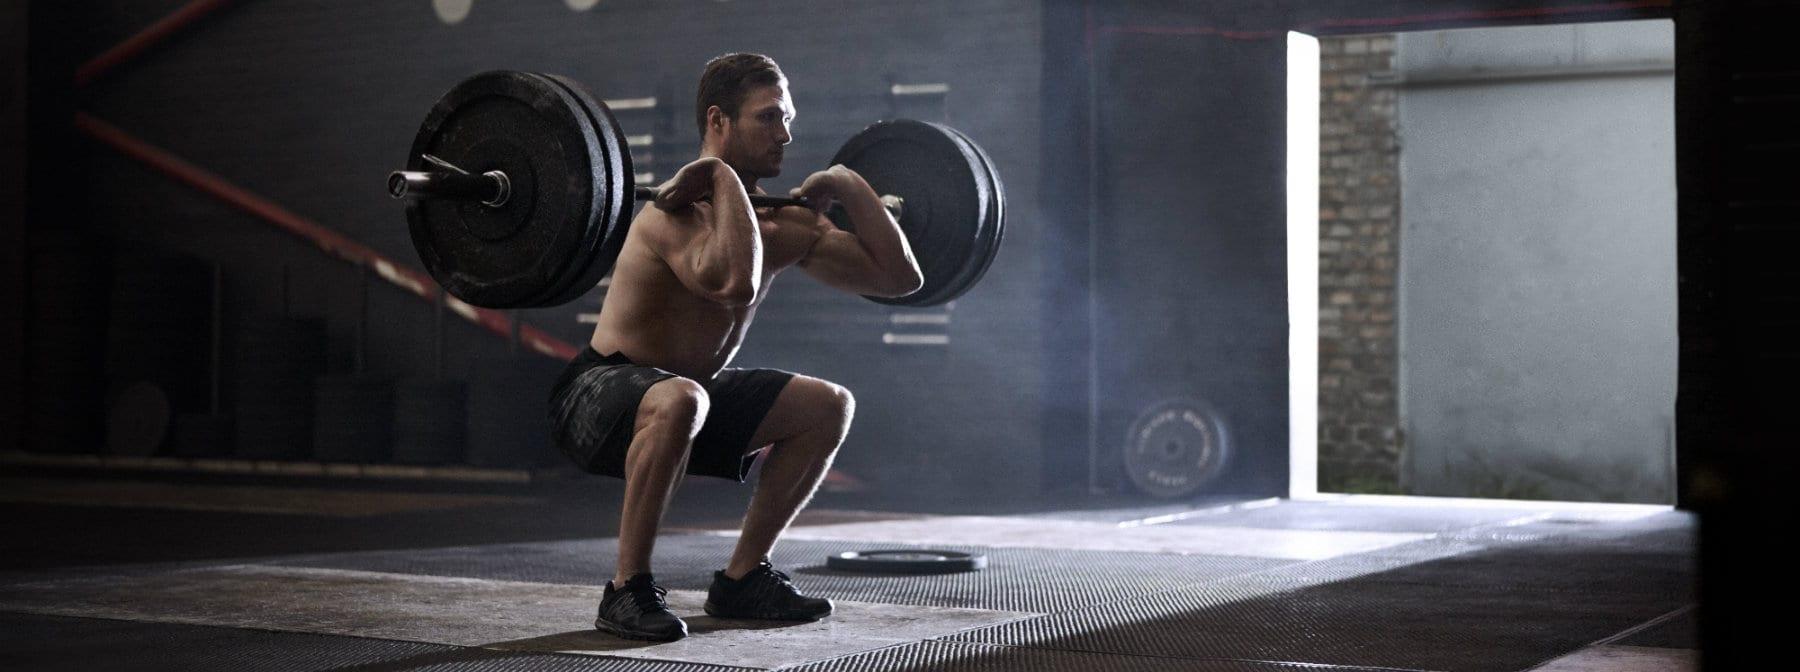 Kruhový Tréning vs. Silový Tréning – Čo Je Lepšie?